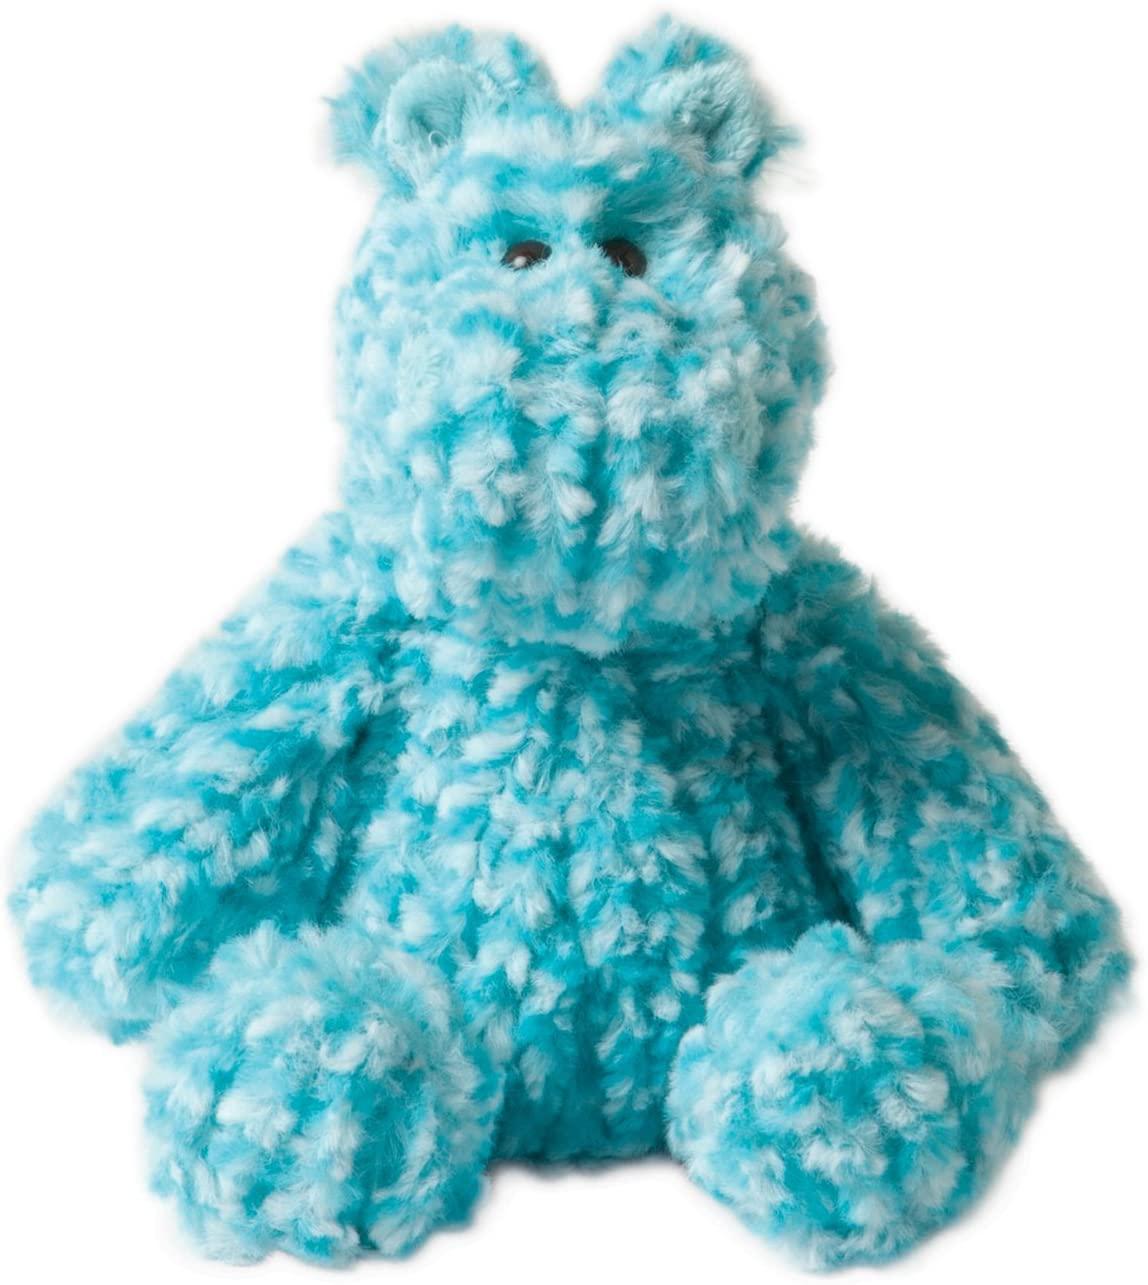 """8"""" Manhattan Toys Adorables Mason The Hippo Stuffed Animal $6.85 + Free Shipping w/ Amazon Prime or Orders $25+"""